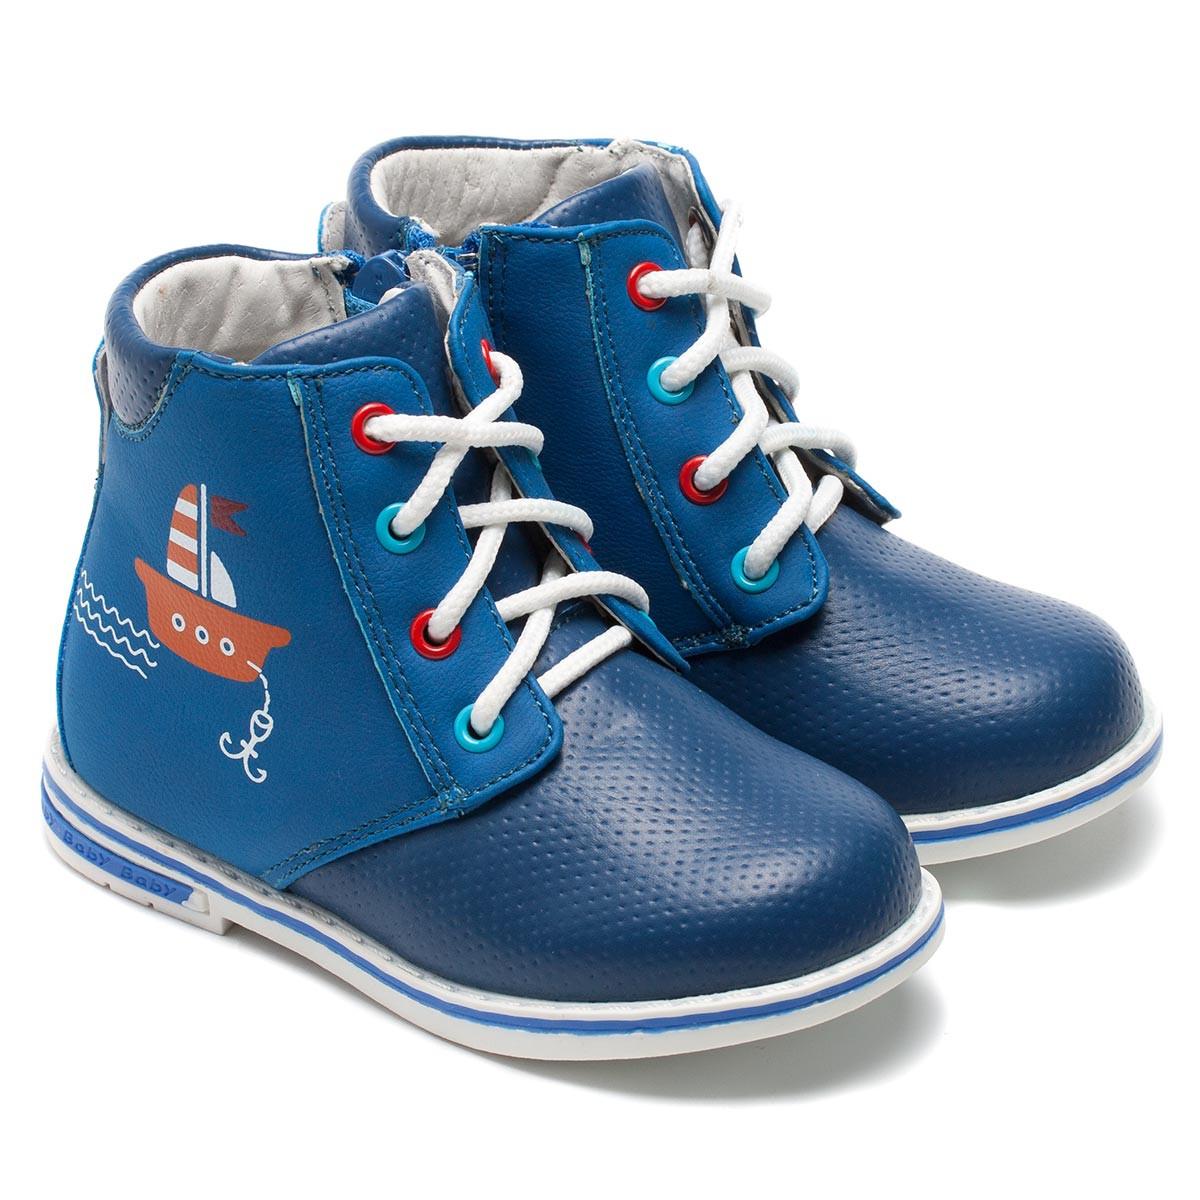 Ботинки B&G для мальчика, синие на шнуровке, размер 22-26